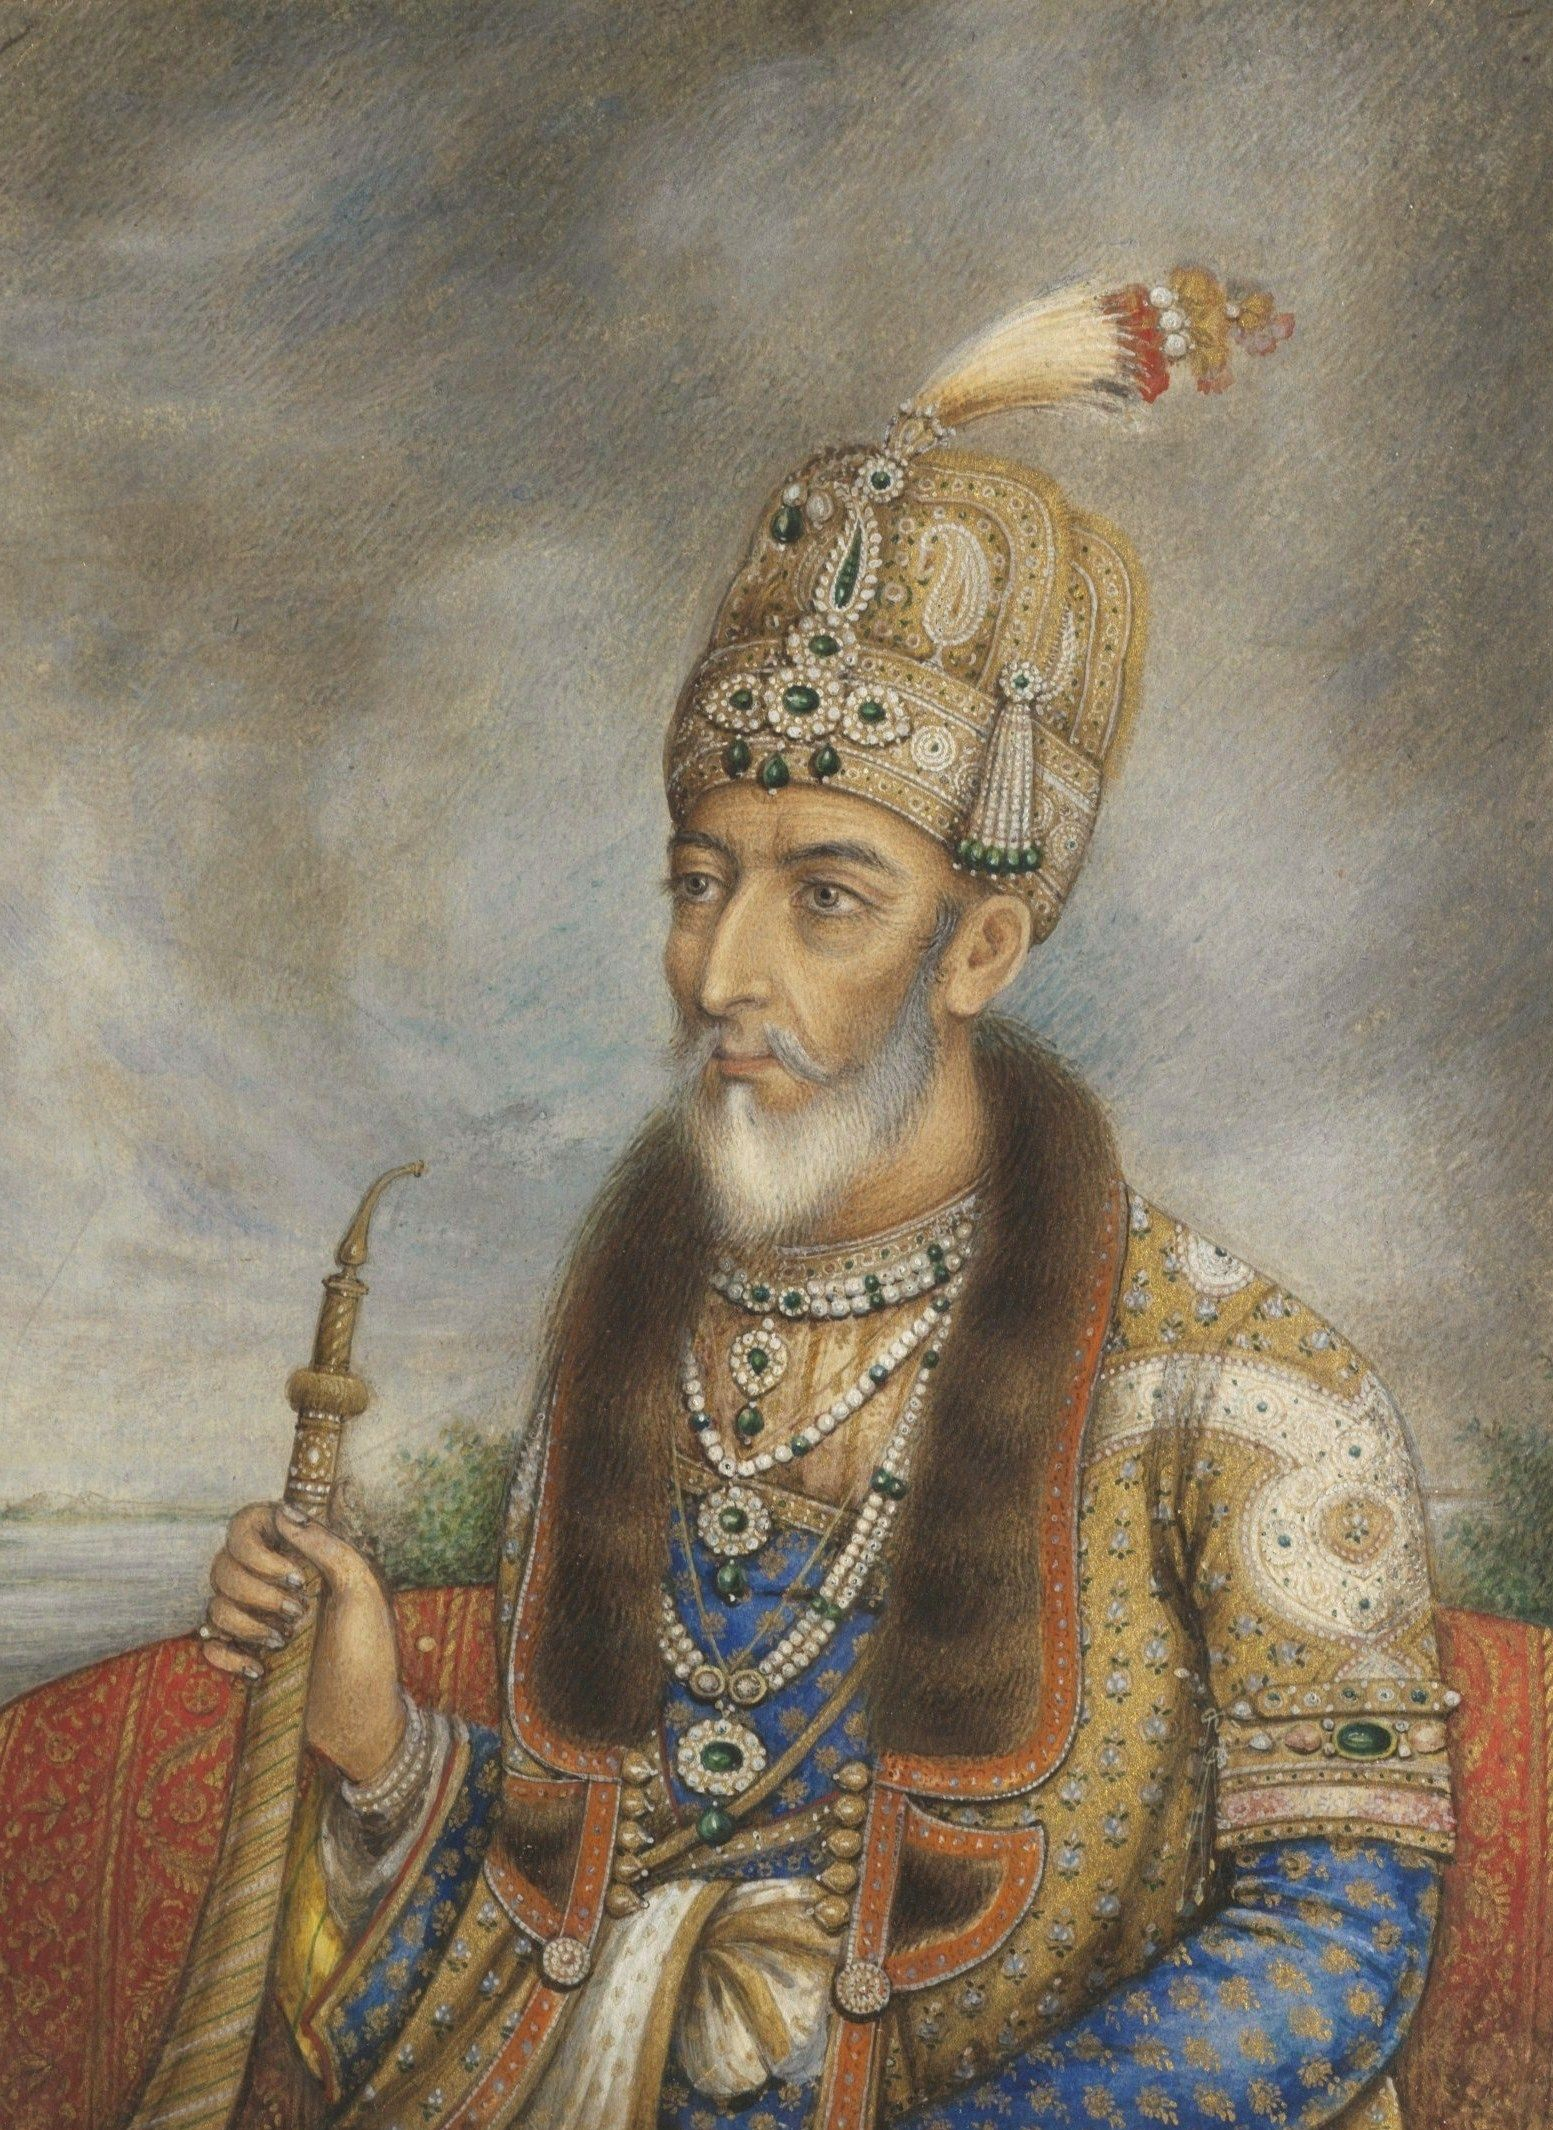 Bahadur_Shah_II_of_India.jpg (1553×2130)